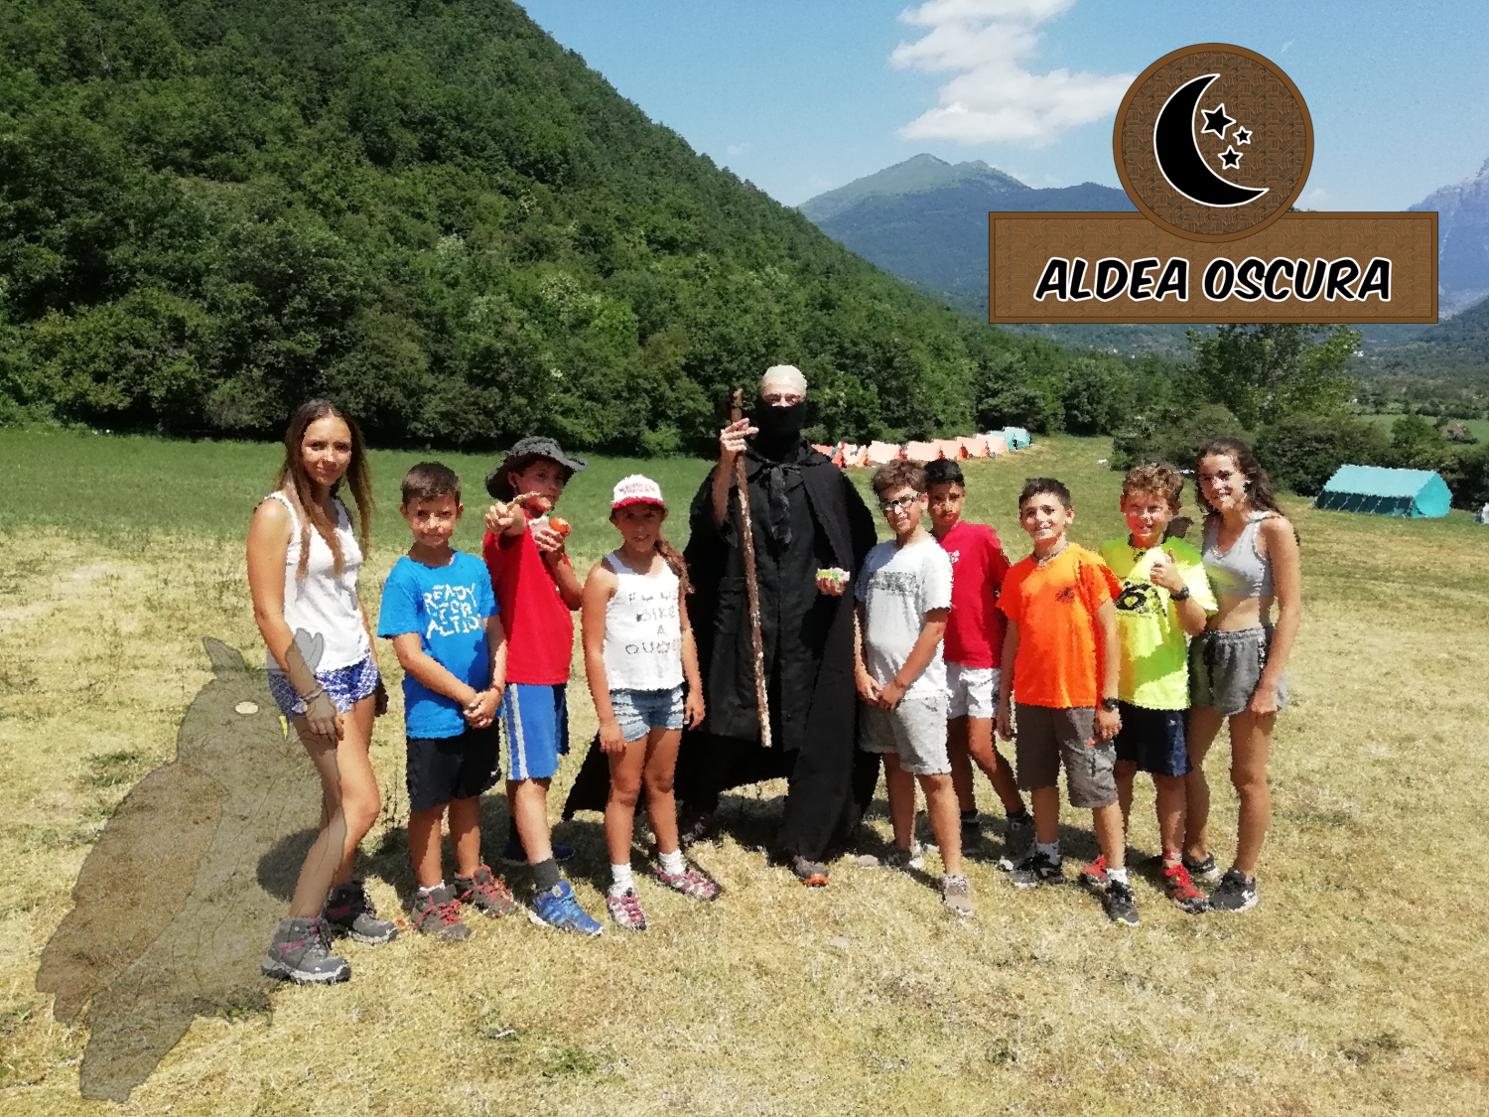 Aldea de la oscuridad | Campamento Turquino 2018